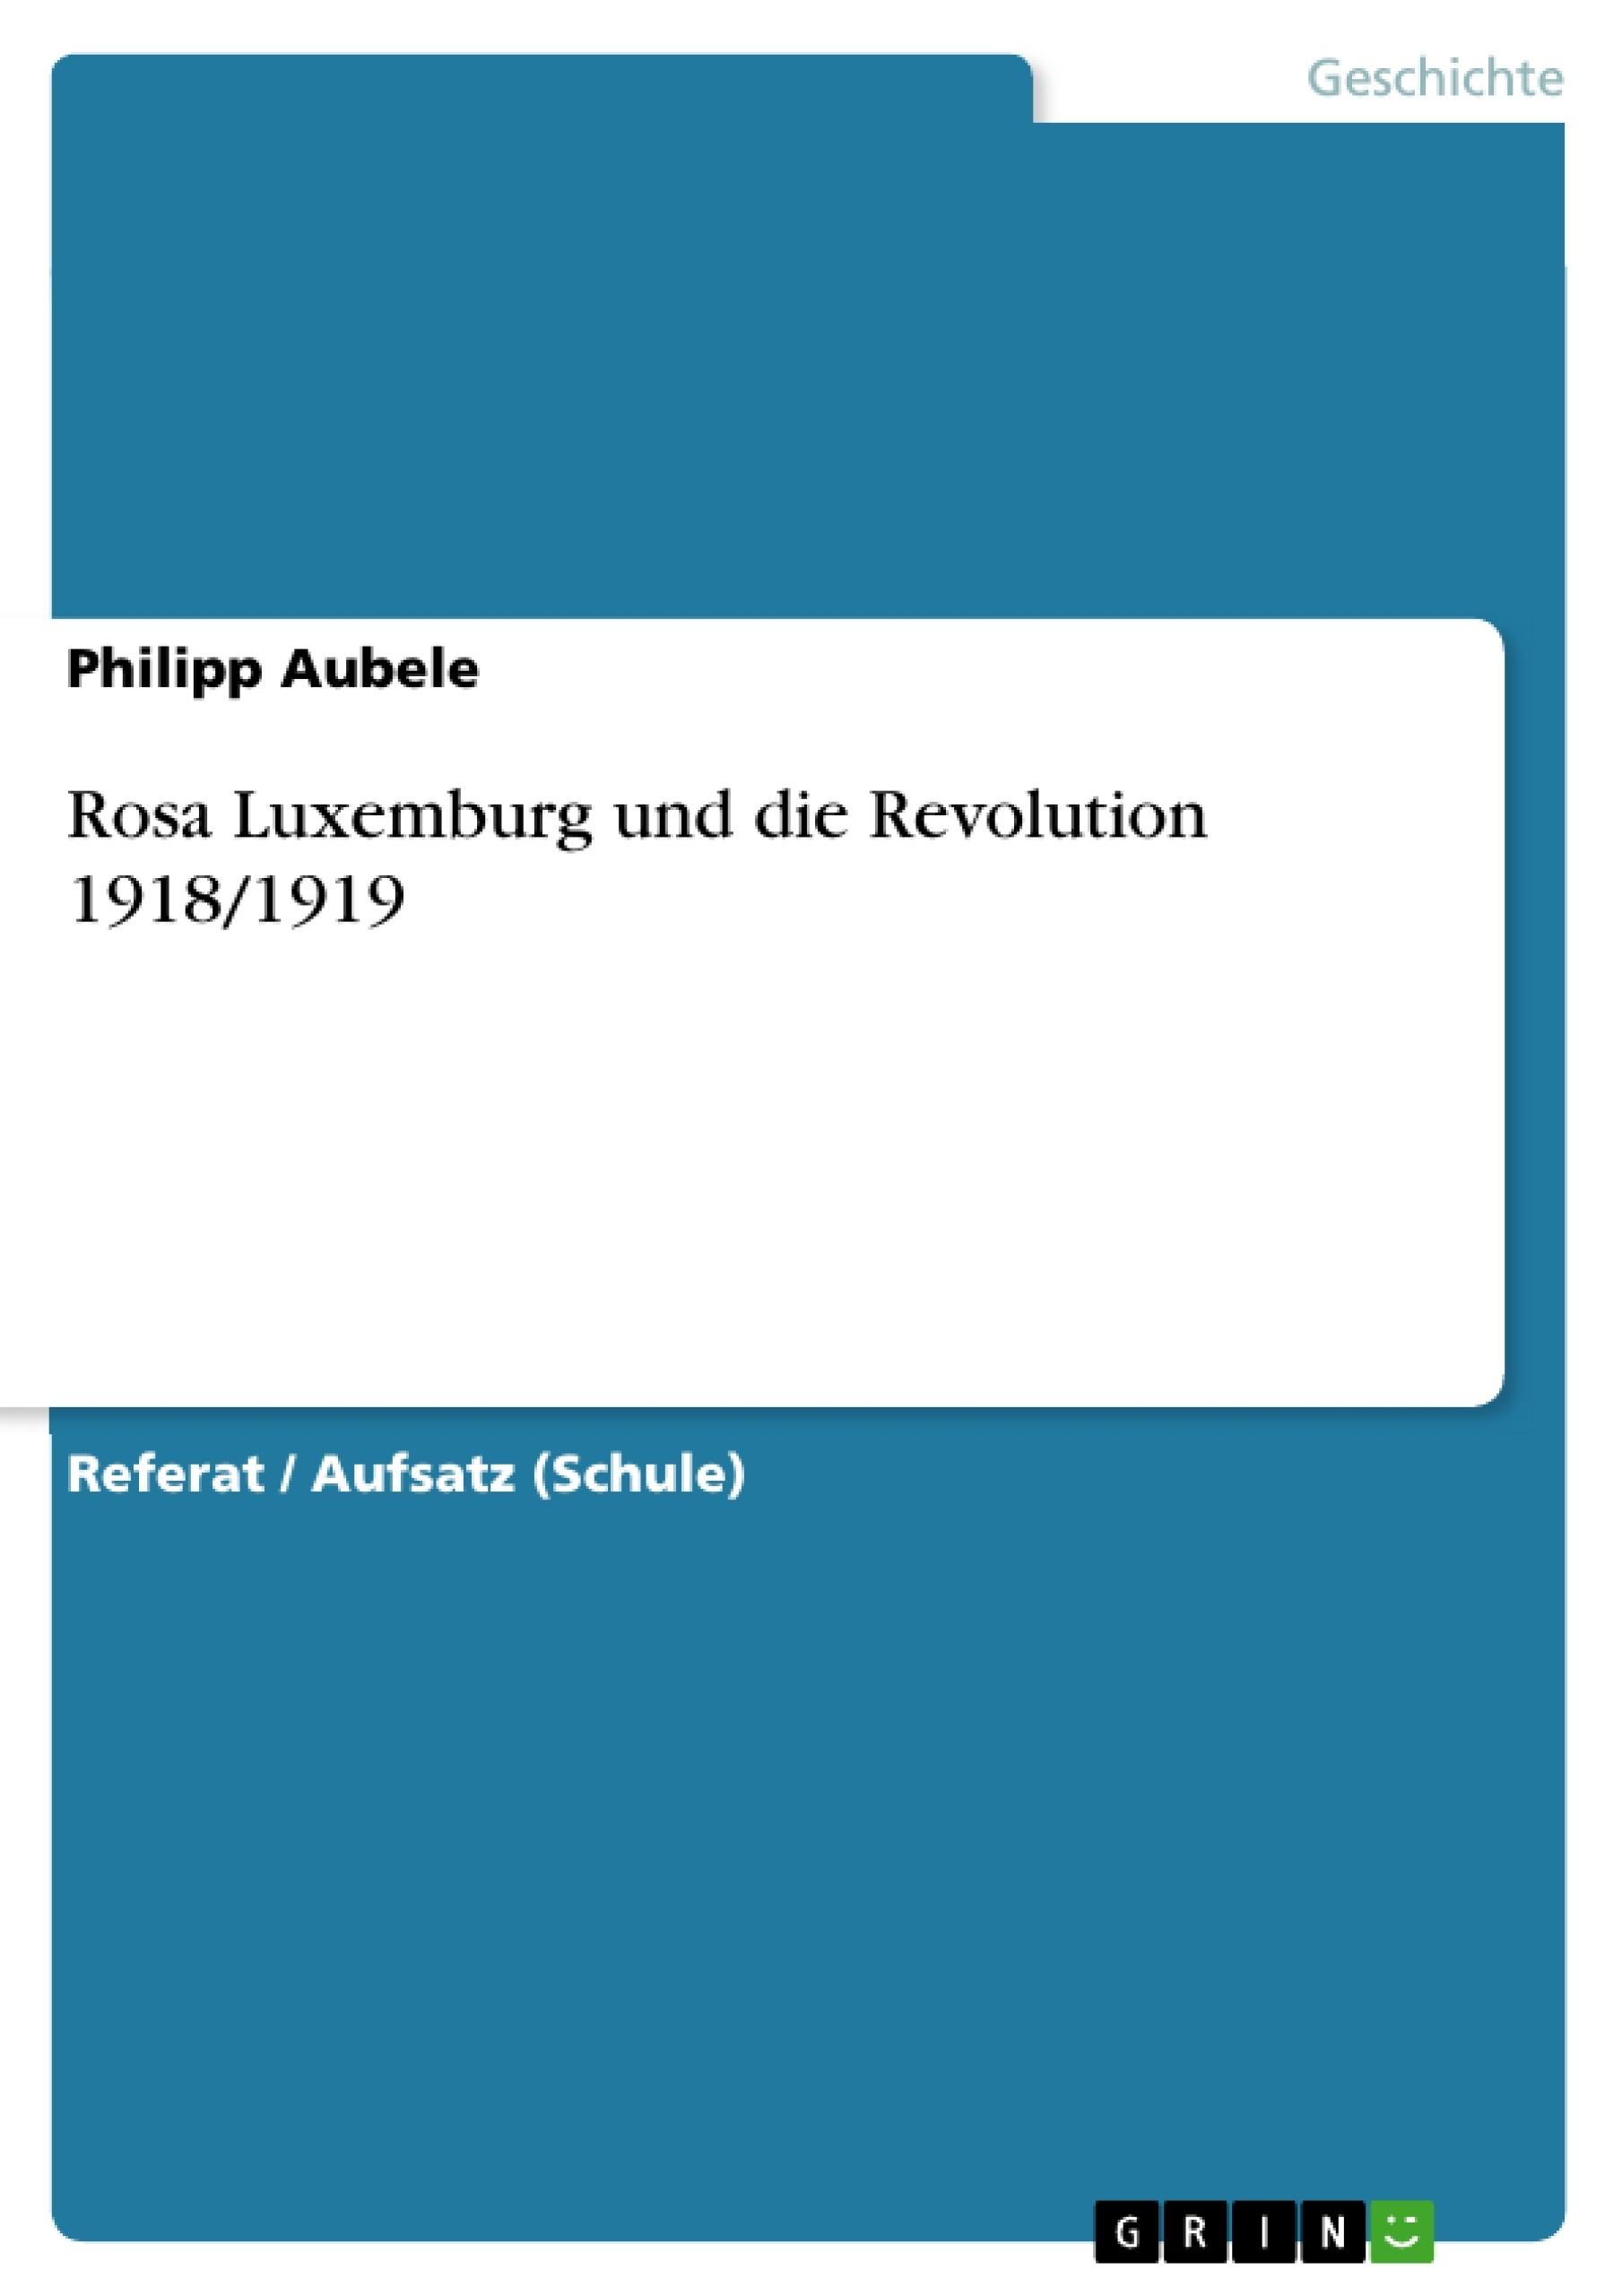 Titel: Rosa Luxemburg und die Revolution 1918/1919